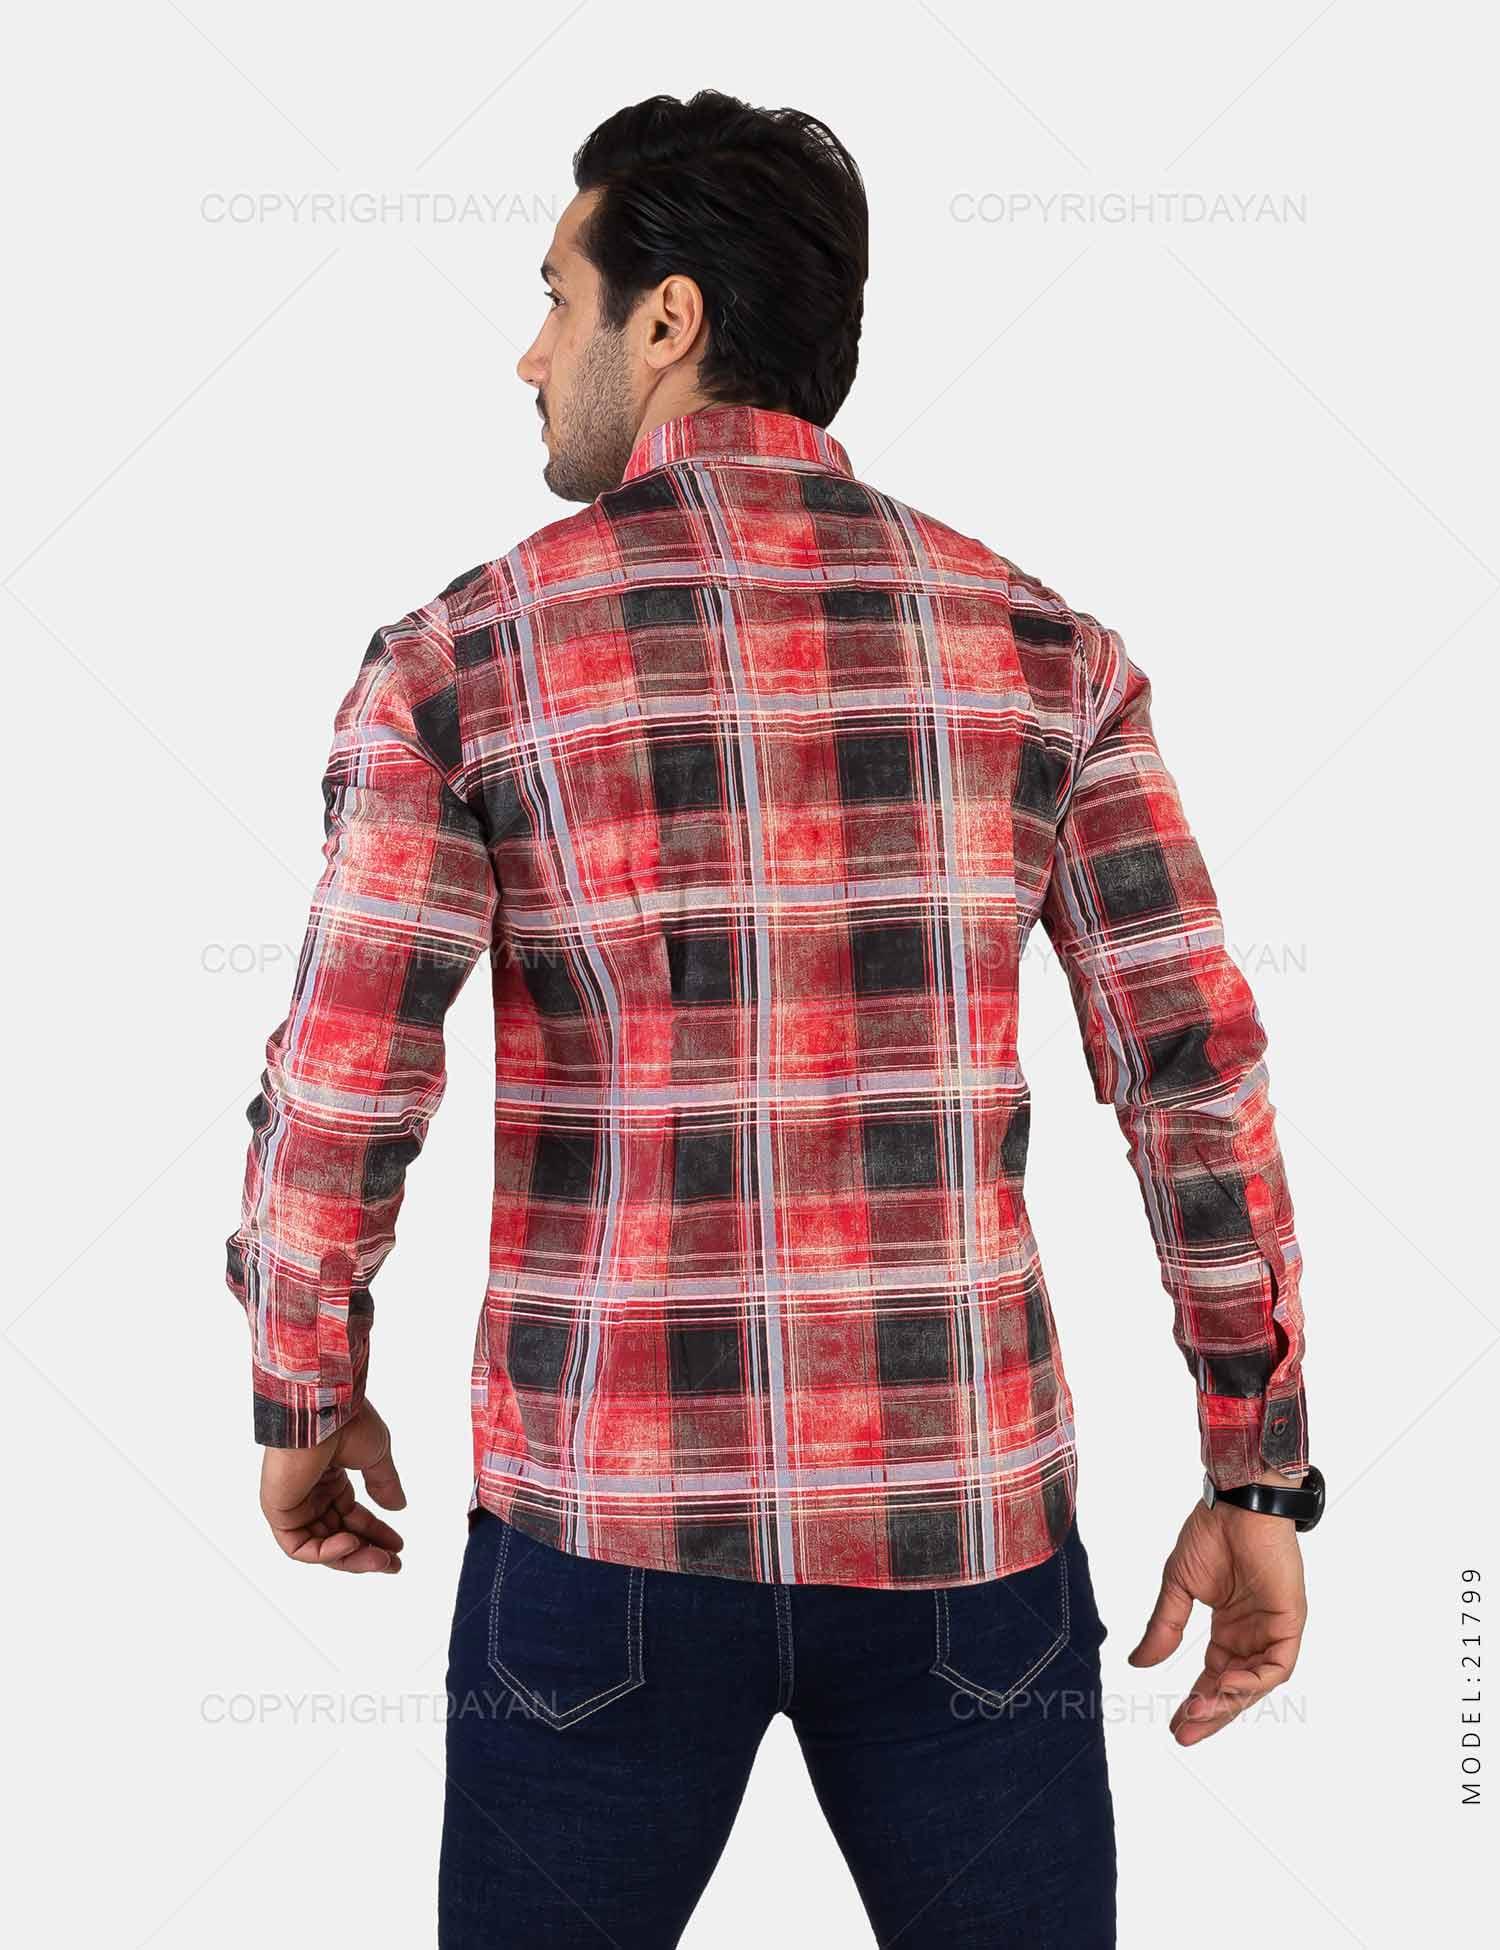 پیراهن مردانه Deniz مدل 21799 پیراهن مردانه Deniz مدل 21799 159,000 تومان